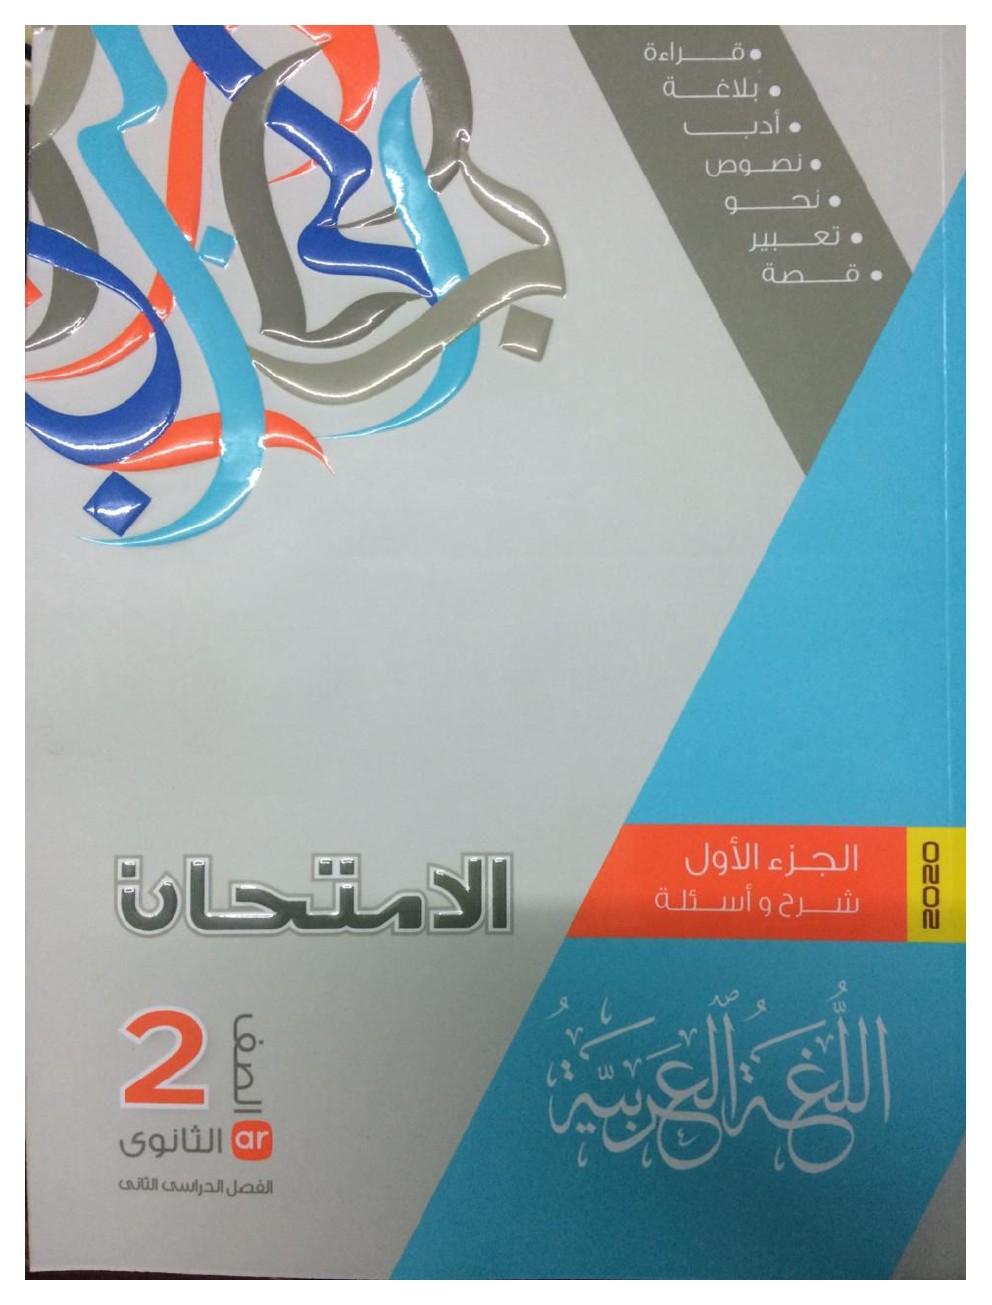 تحميل كتاب الامتحان فى اللغة العربية للصف الثانى الثانوى الترم الثانى2020 pdf